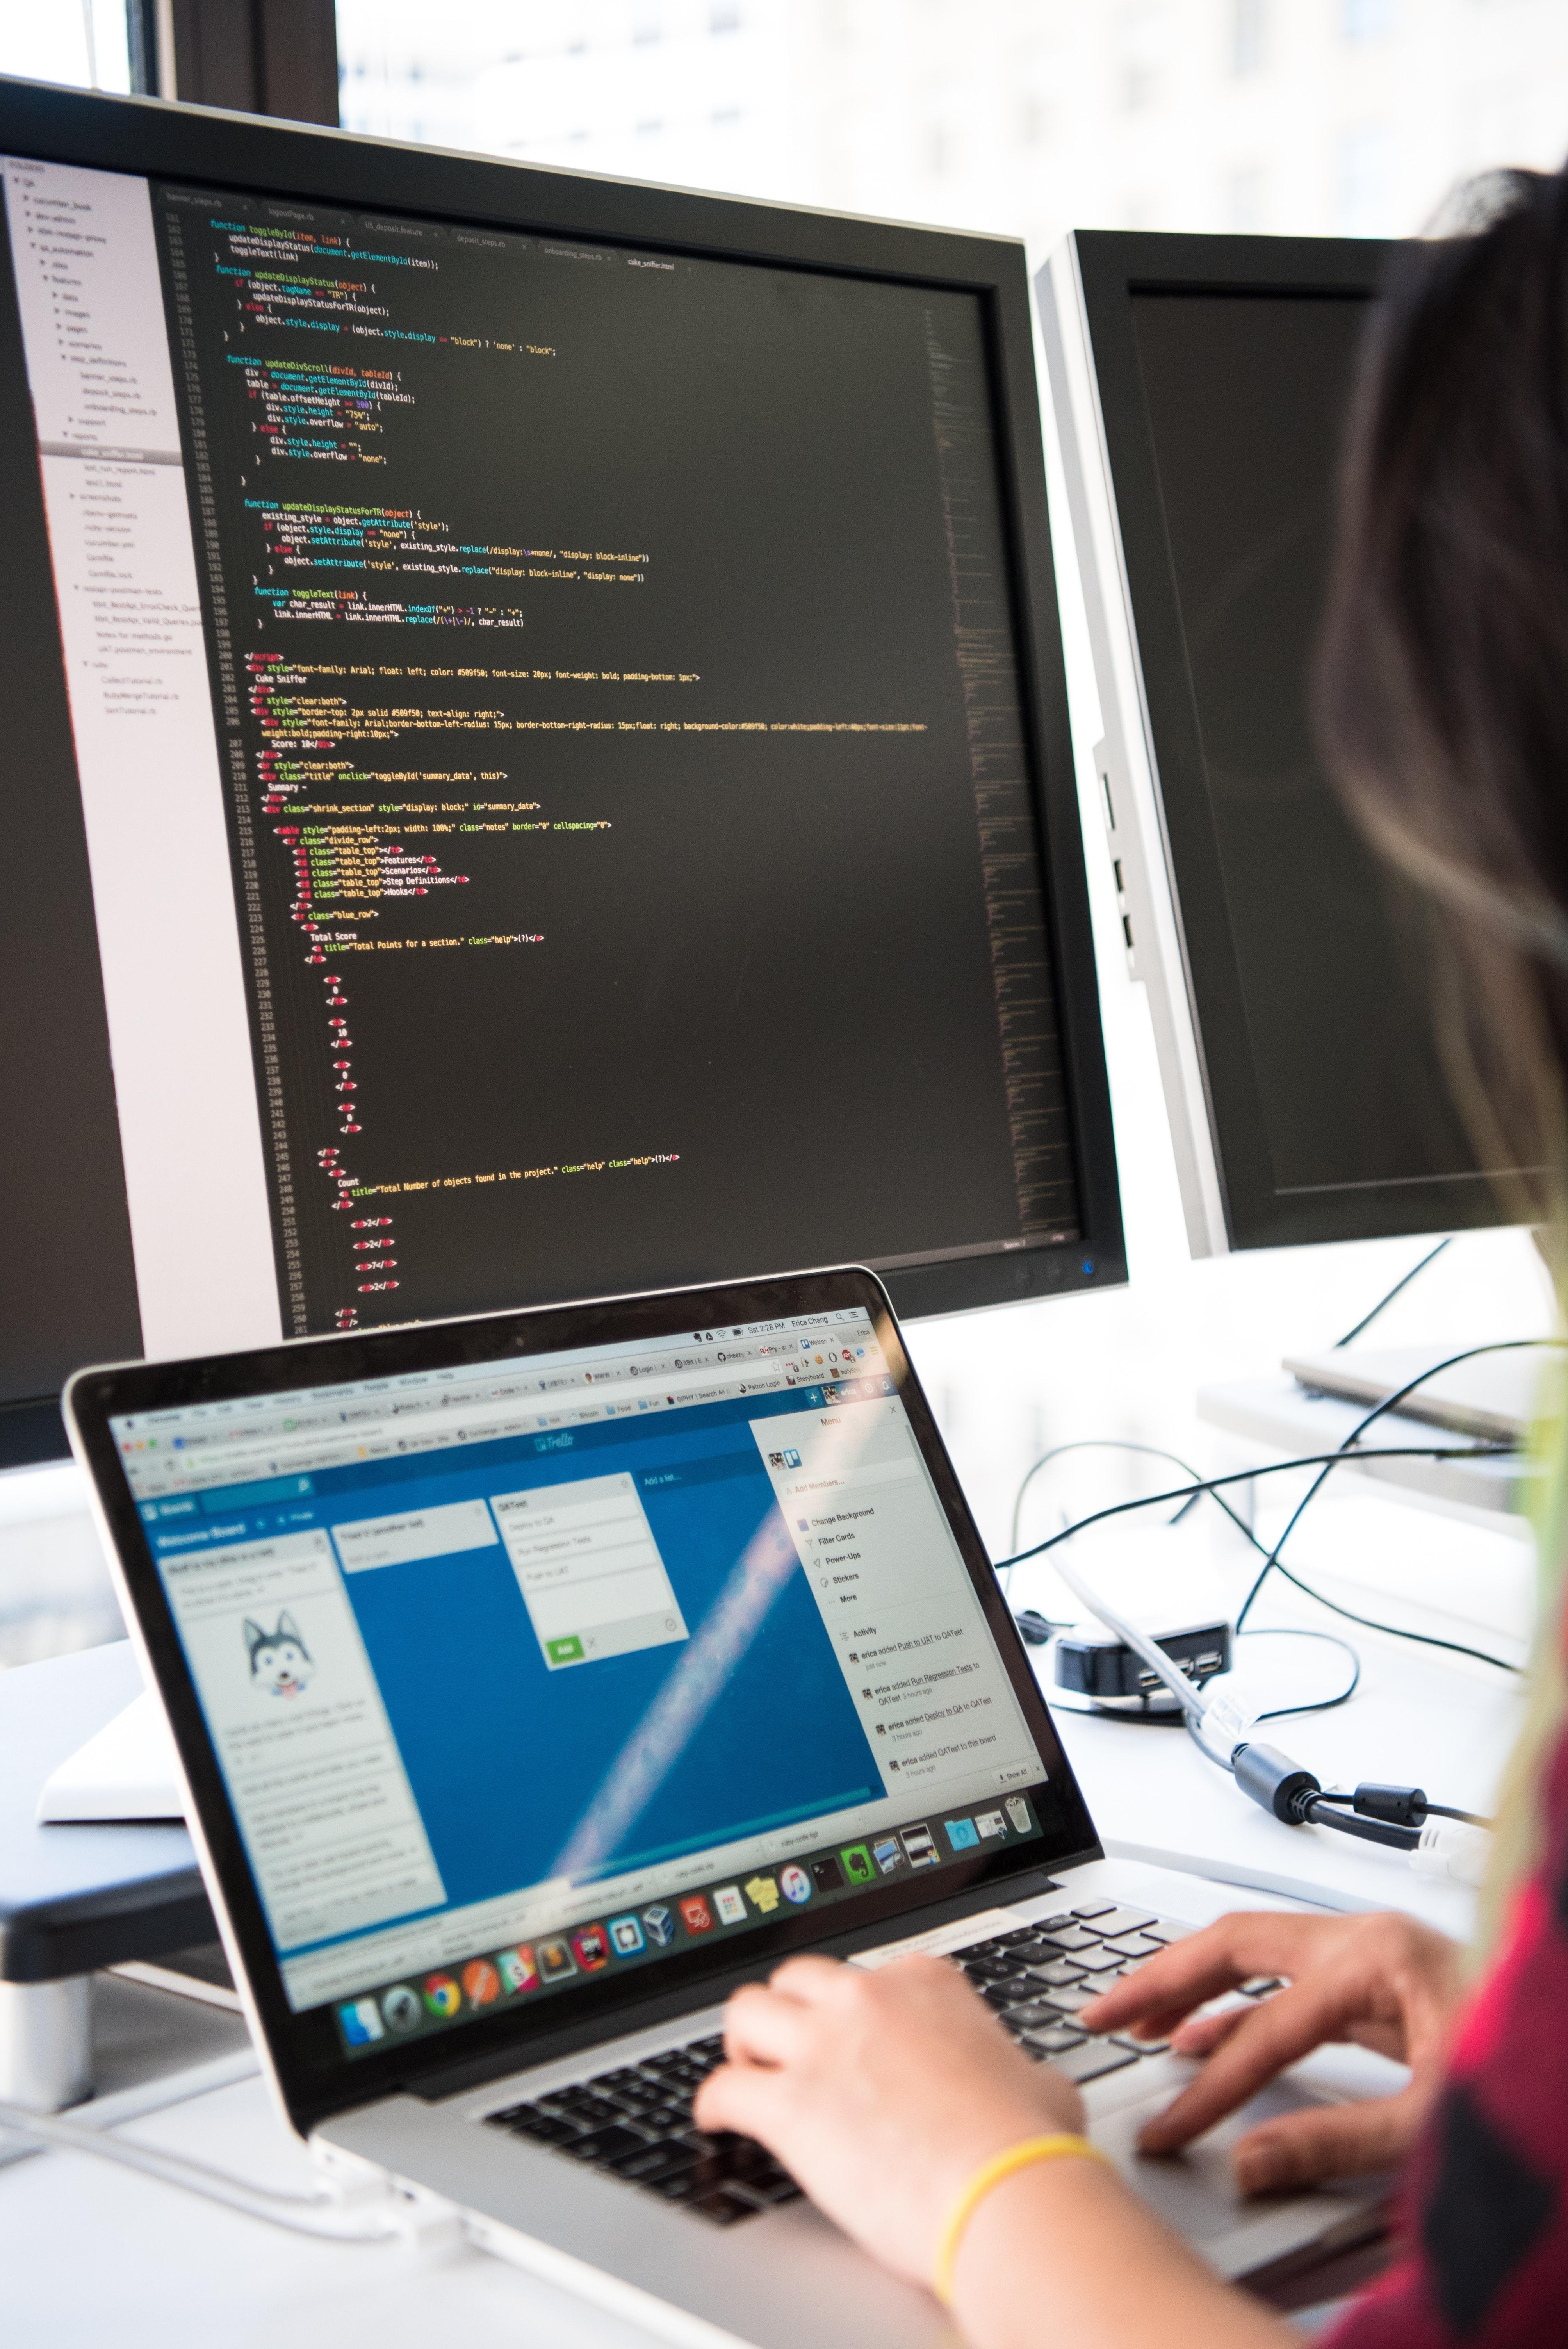 Cuatro decisiones clave para tu carrera de Full Stack Developer